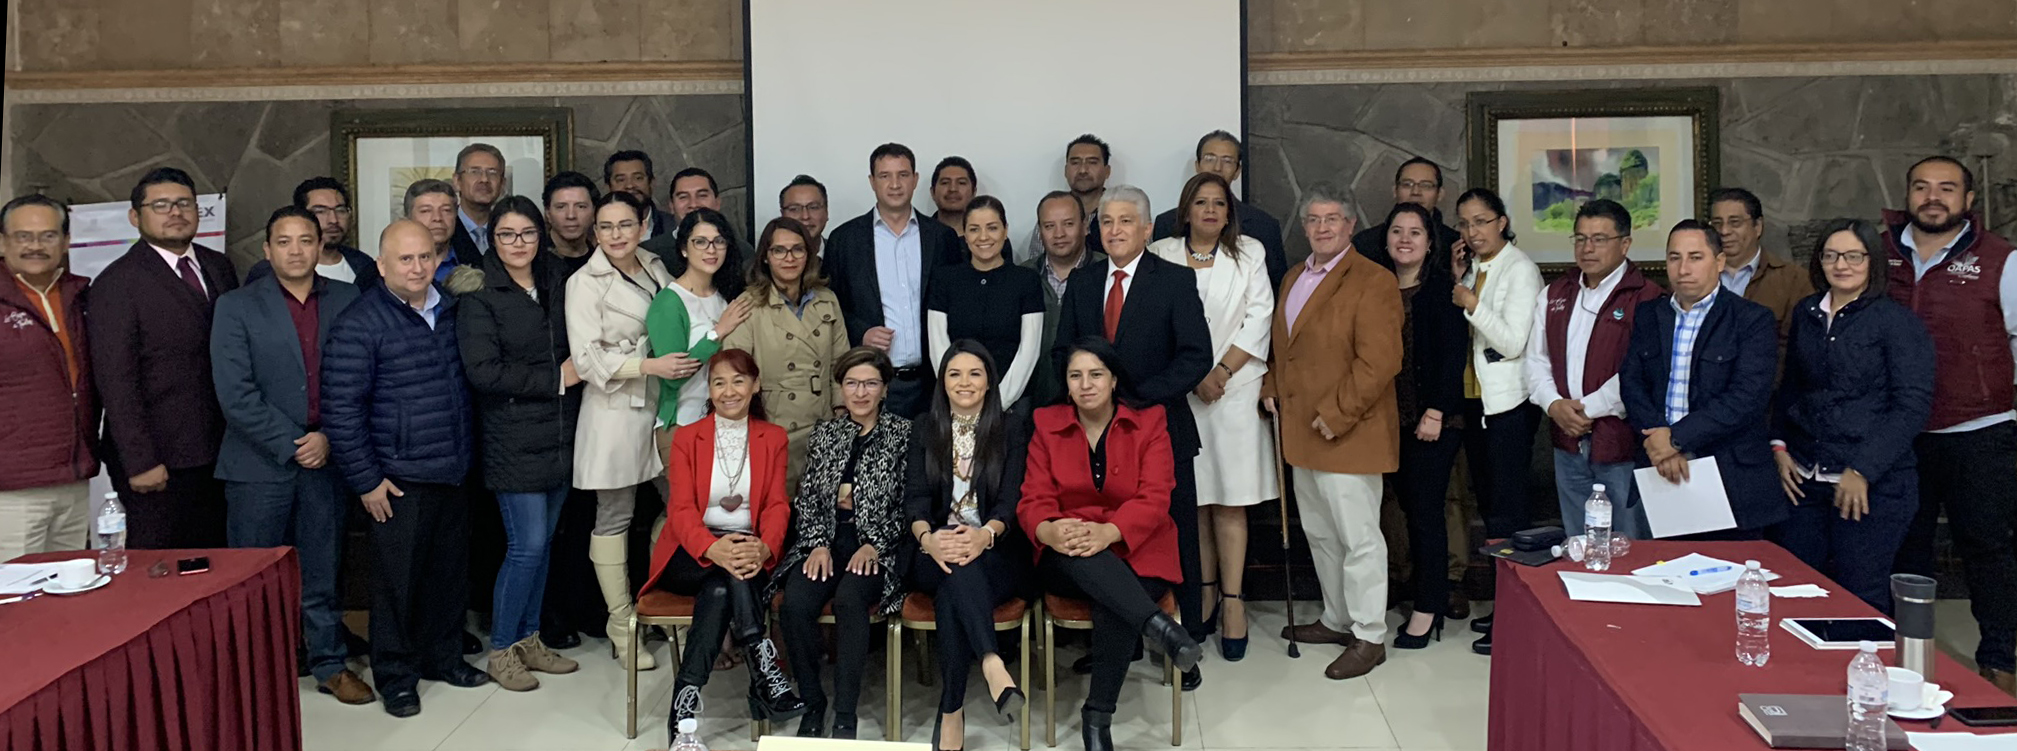 Banco Interamericano de Desarrollo reconoce al OAyST